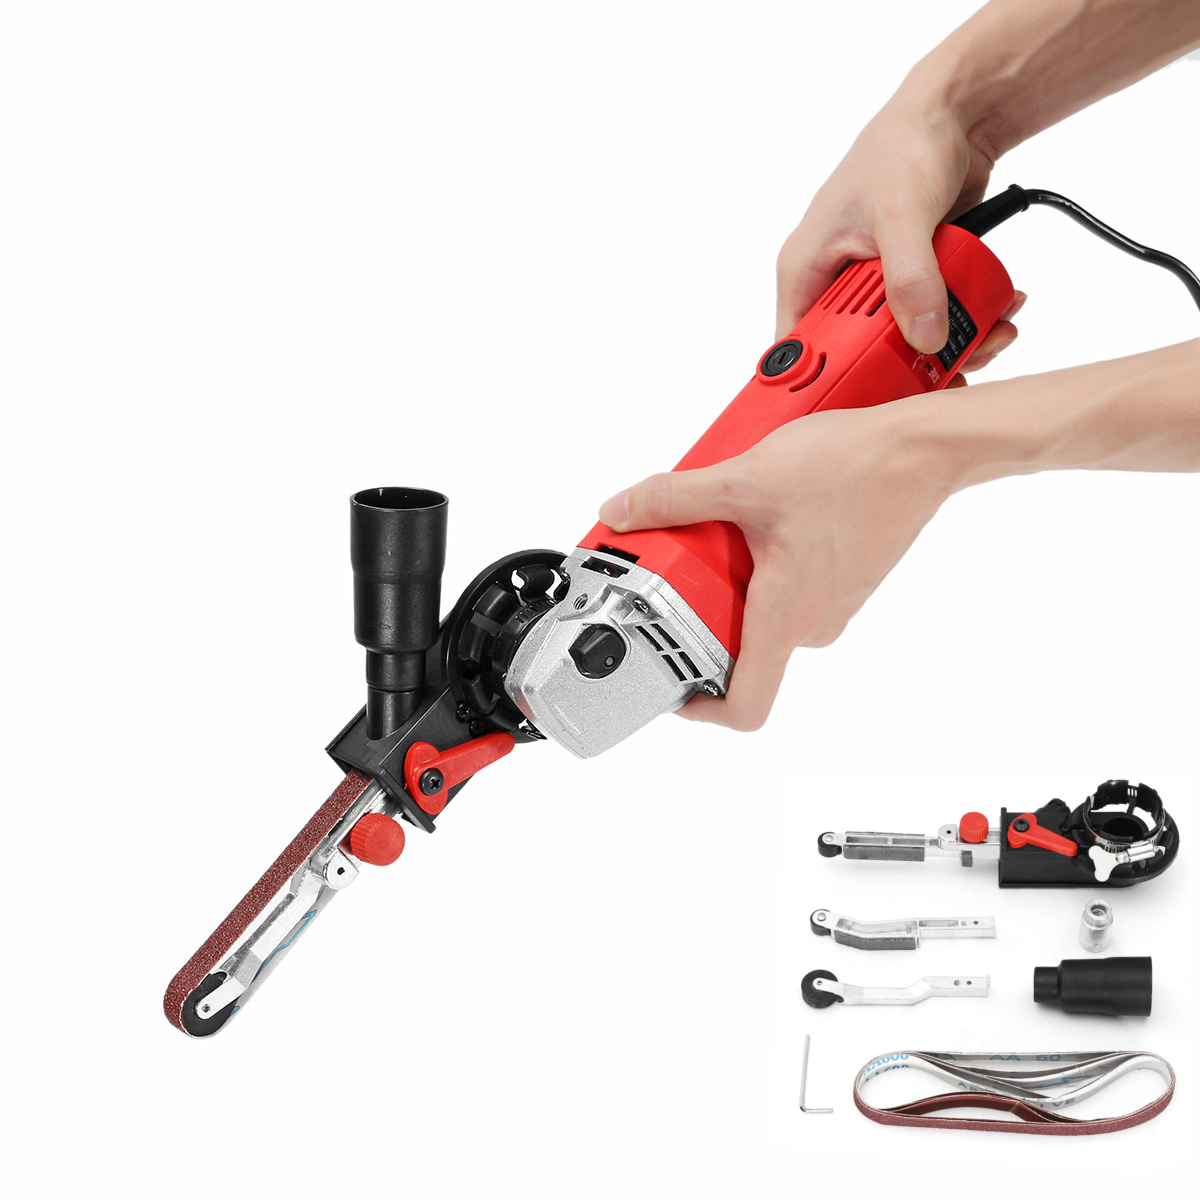 Drillpro Elektrische Winkel Grinder Schleifen Elektrische Schleifen Maschine Power Tool Schleifen Schneiden M10 Mit Schleifen Gürtel 800W